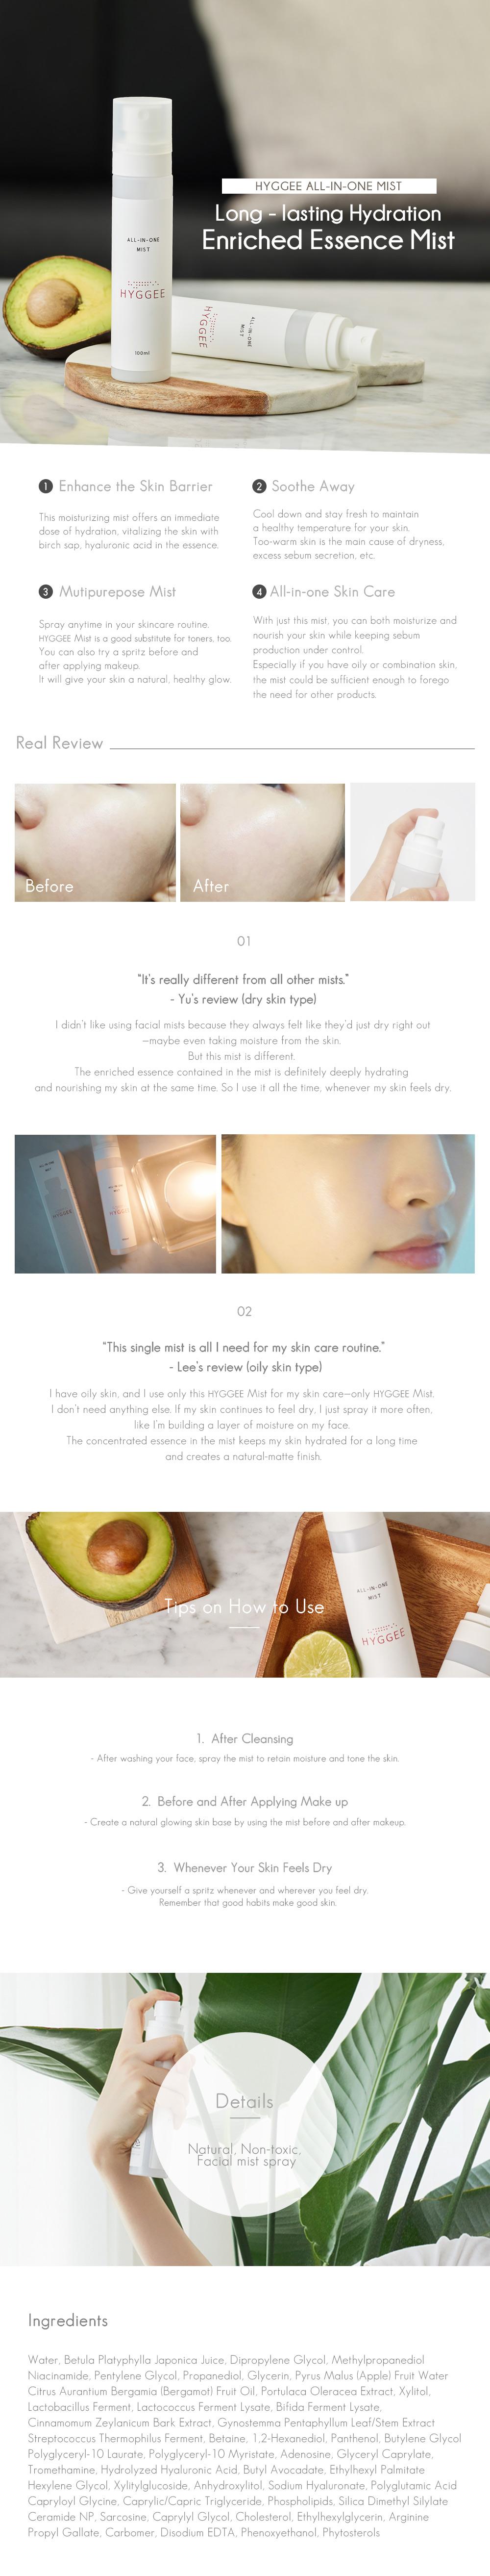 Hyggee all in one mist 100ml korean skincare stylekorean 19aae01f00758cc8c8763ae1139b356b1520228 solutioingenieria Gallery